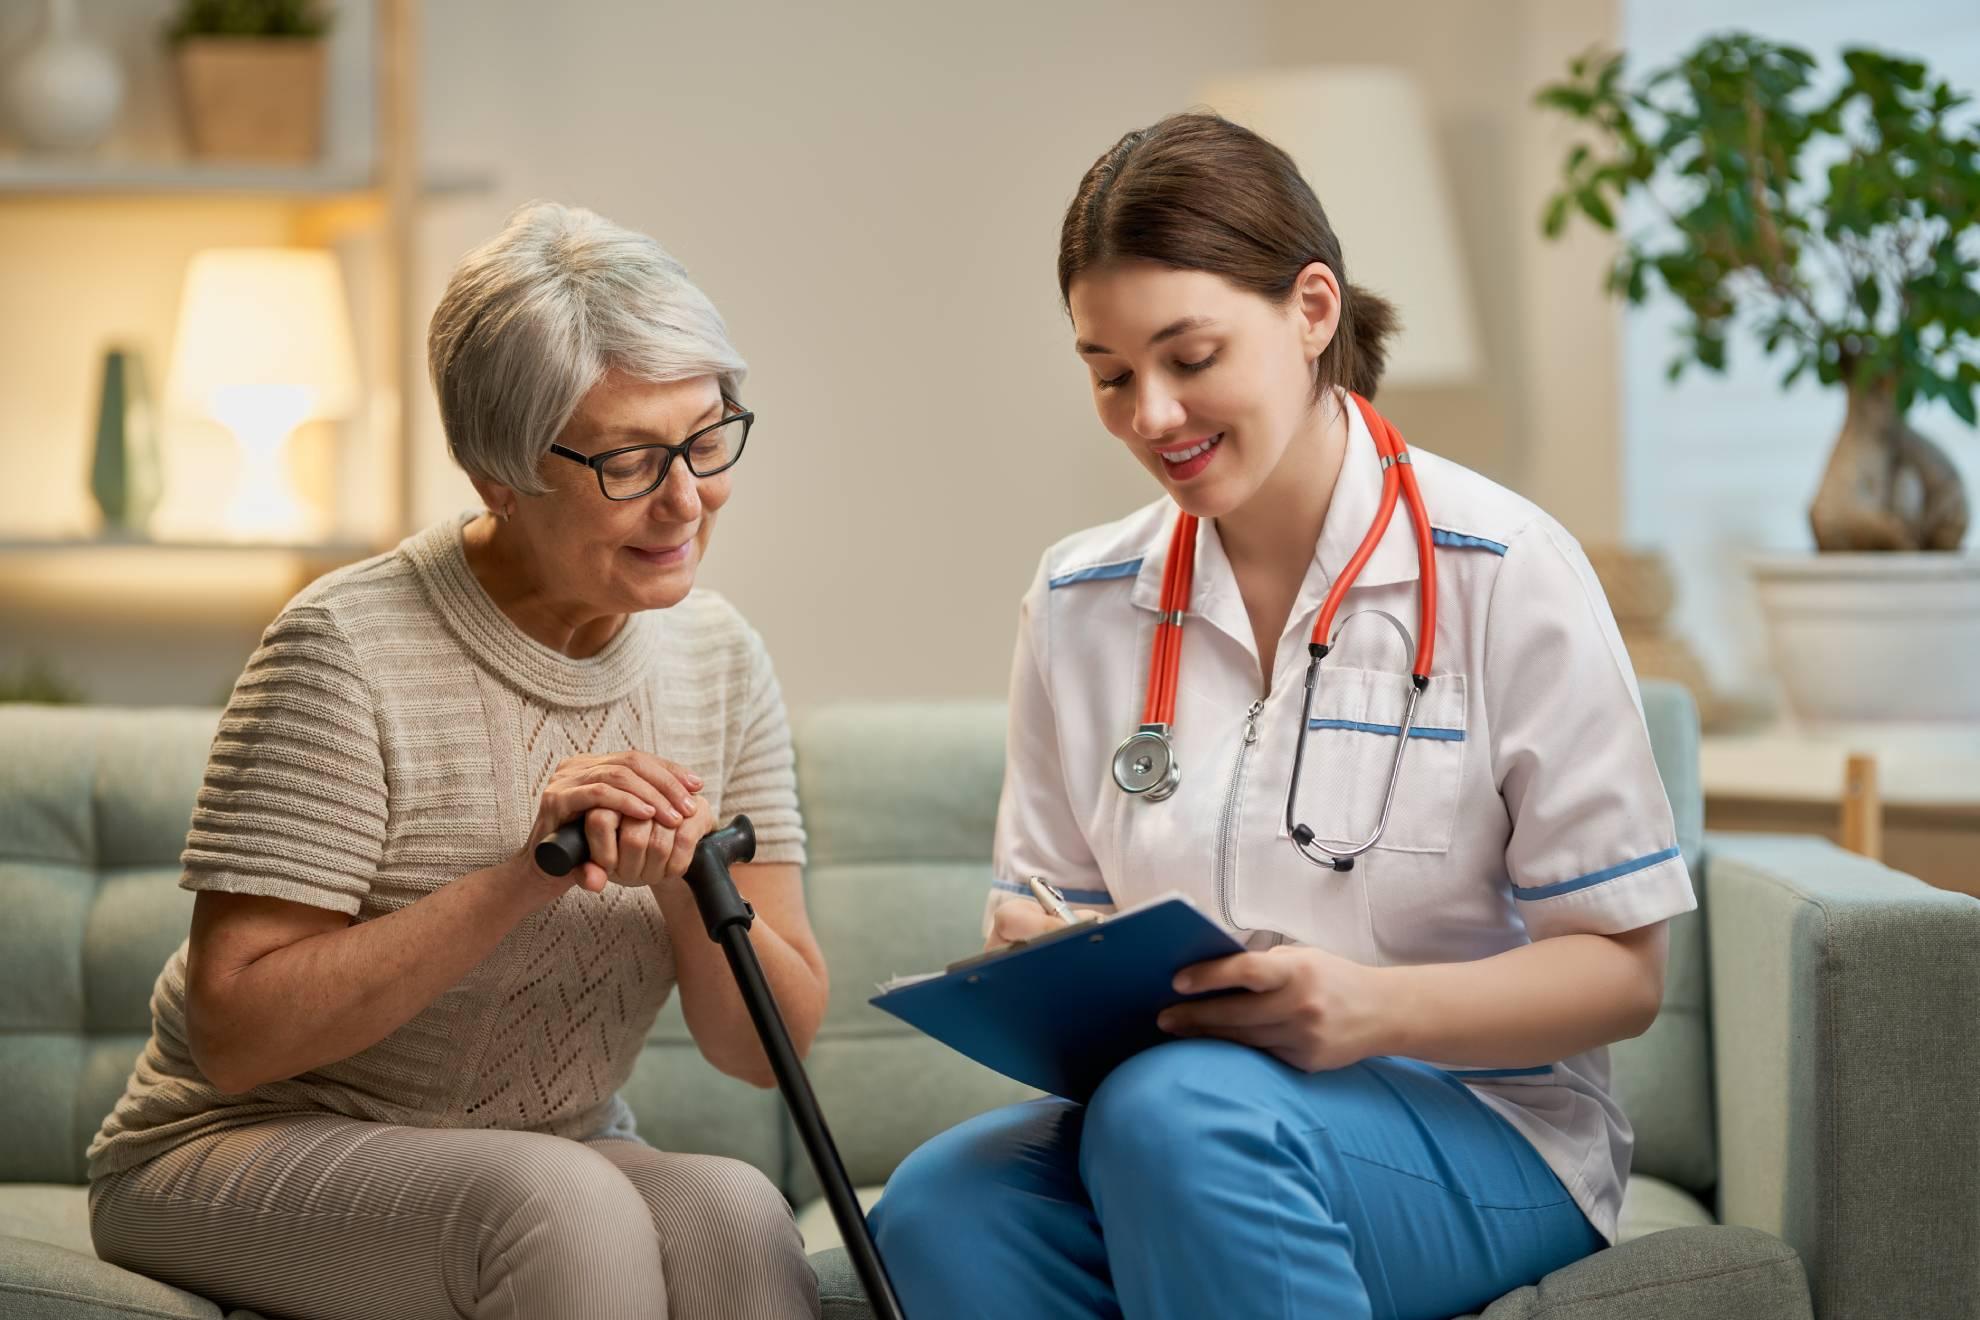 happy-patient-and-caregiver-TNSZLPA (1)